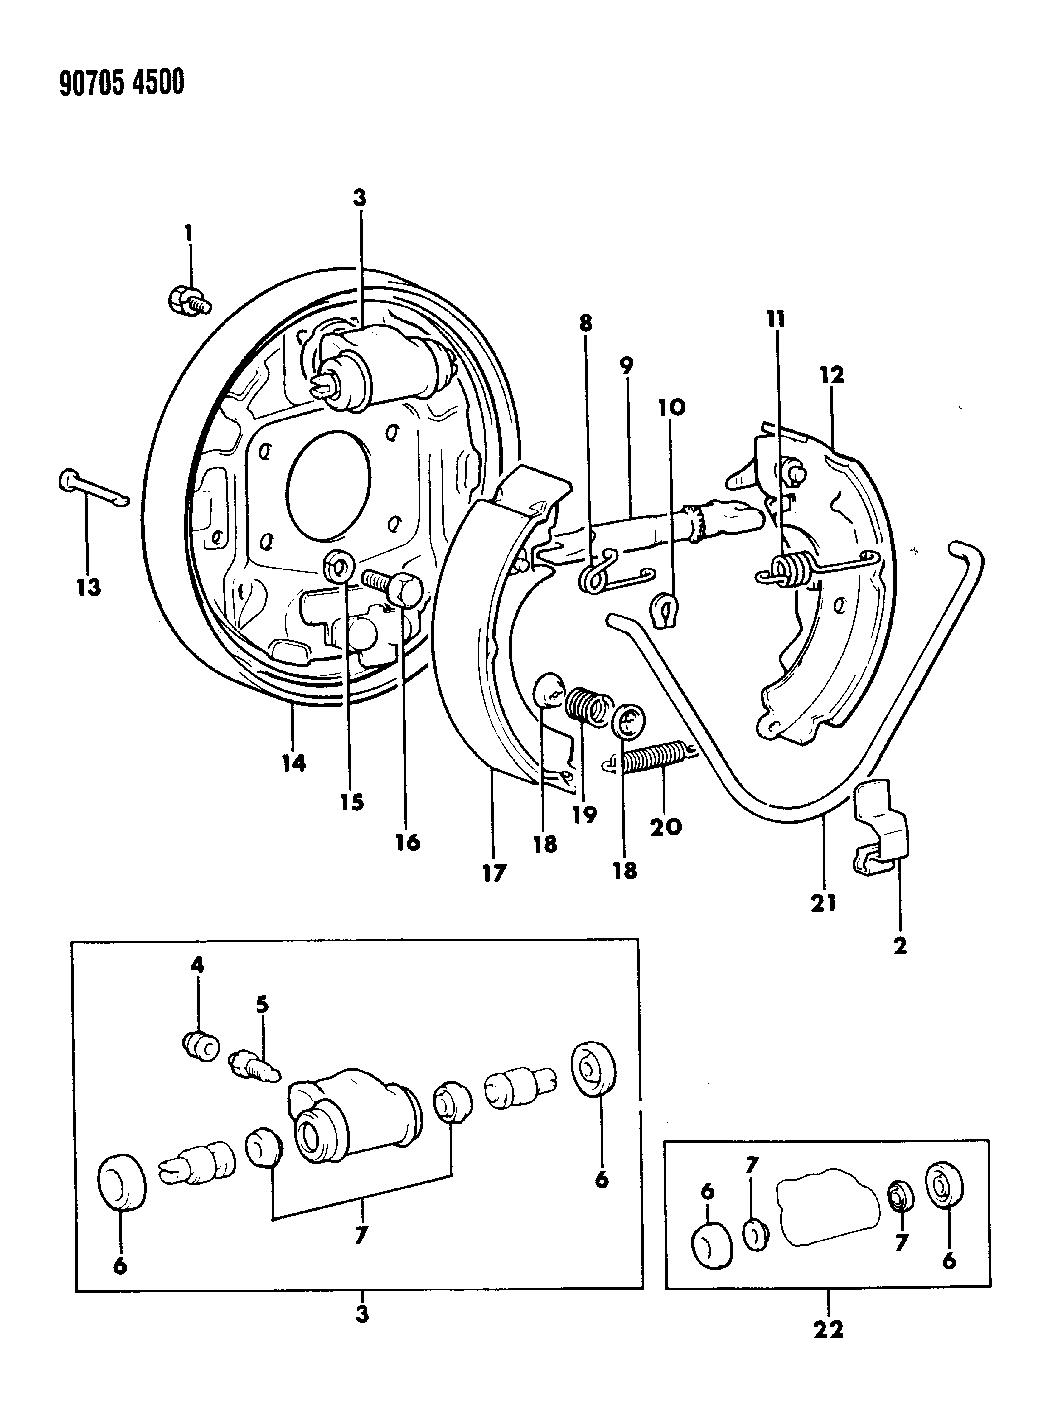 1990 Dodge Colt Brake, Rear Drum - Diagram 1